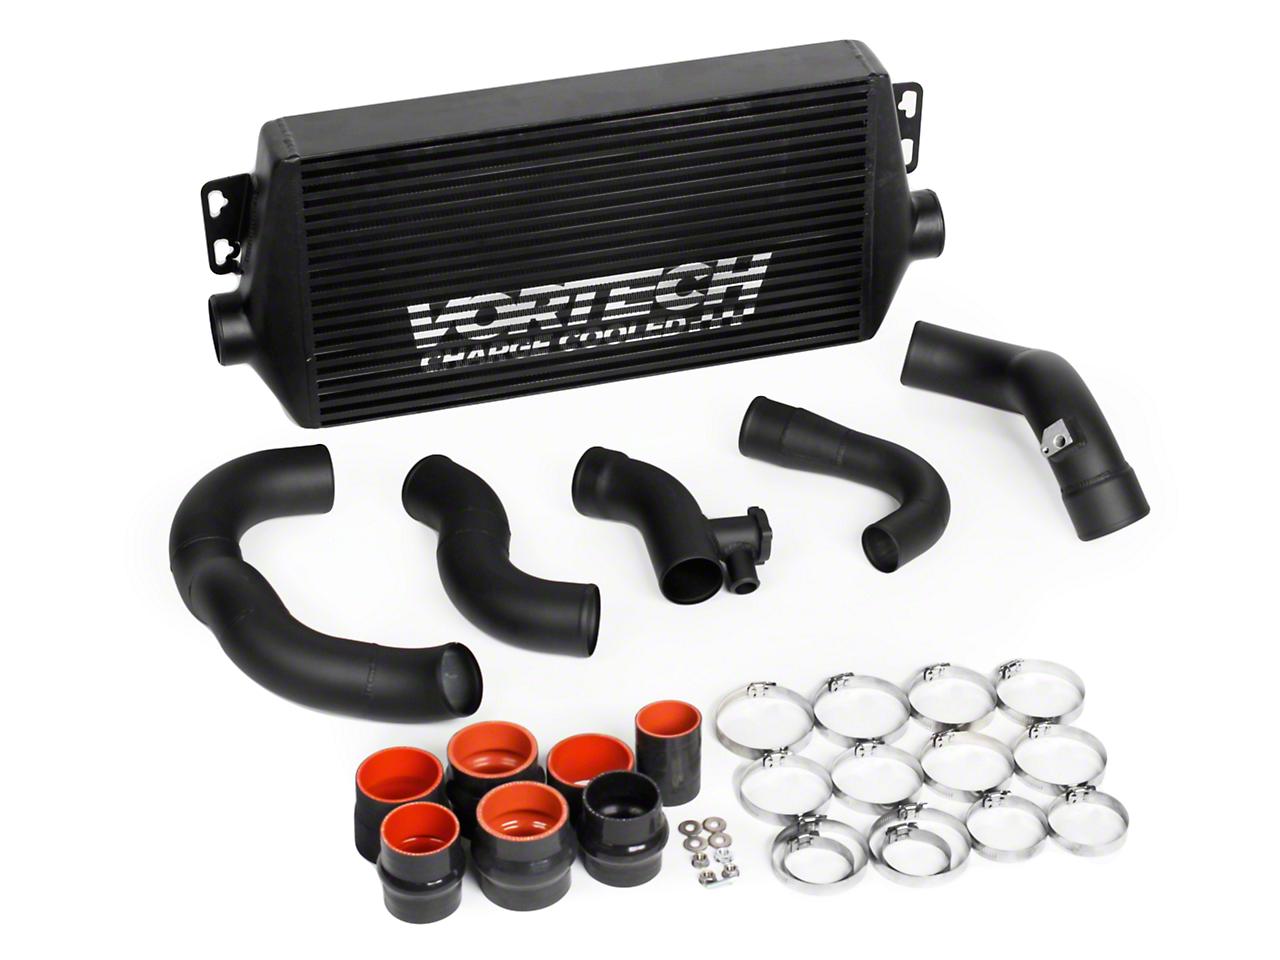 Vortech Charge Cooler Upgrade Kit (15-16 EcoBoost)